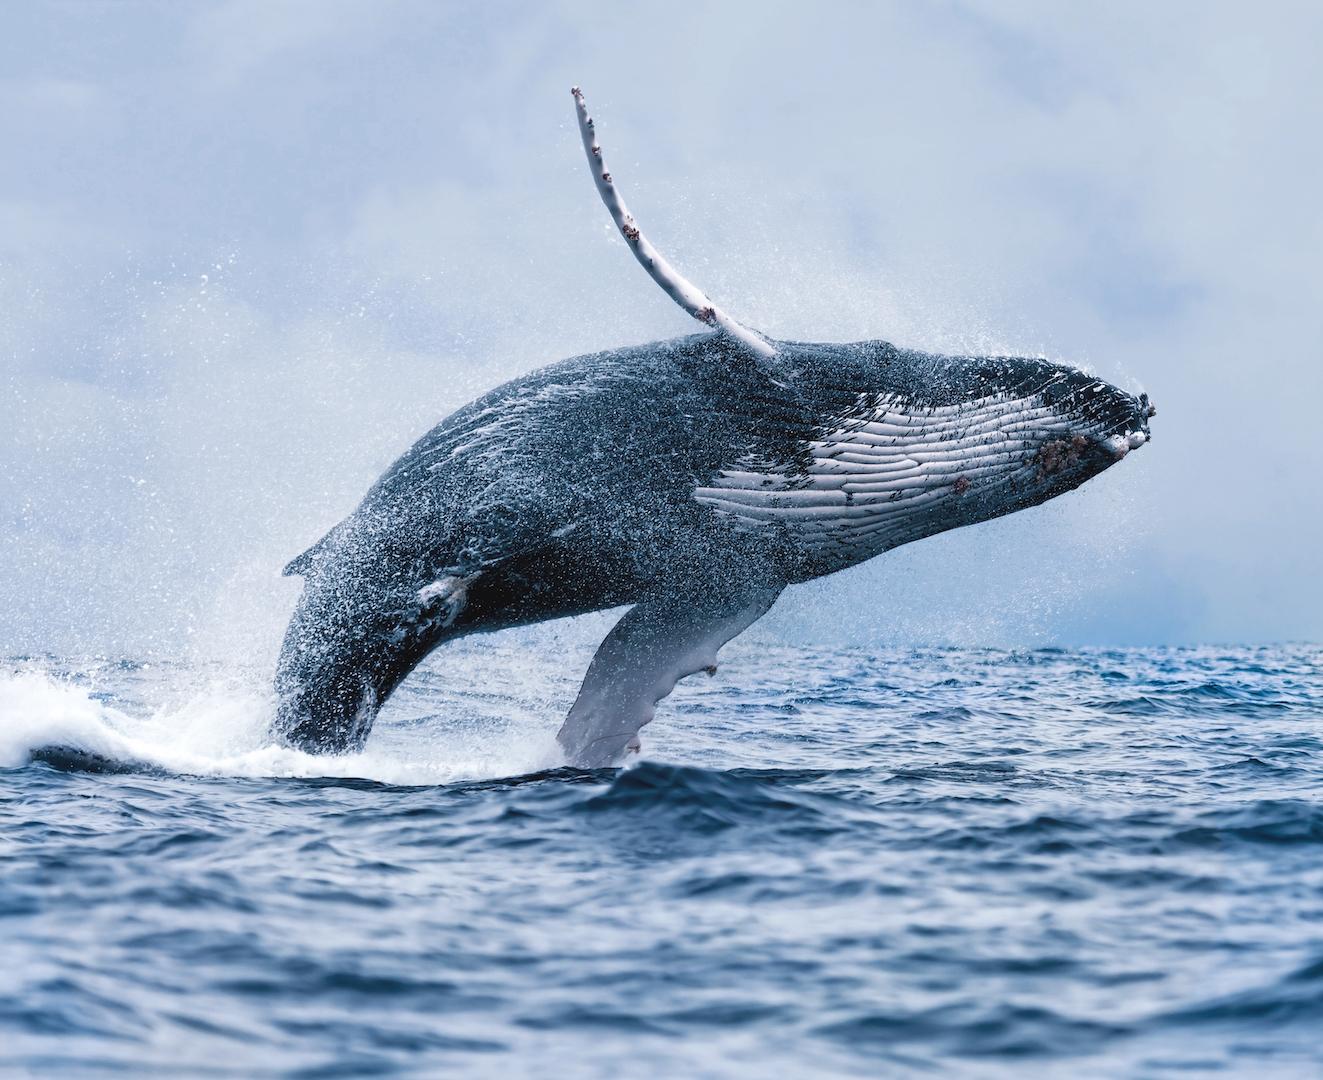 ホエールウォッチングツアーに参加して空飛ぶザトウクジラが見られるかもしれない!